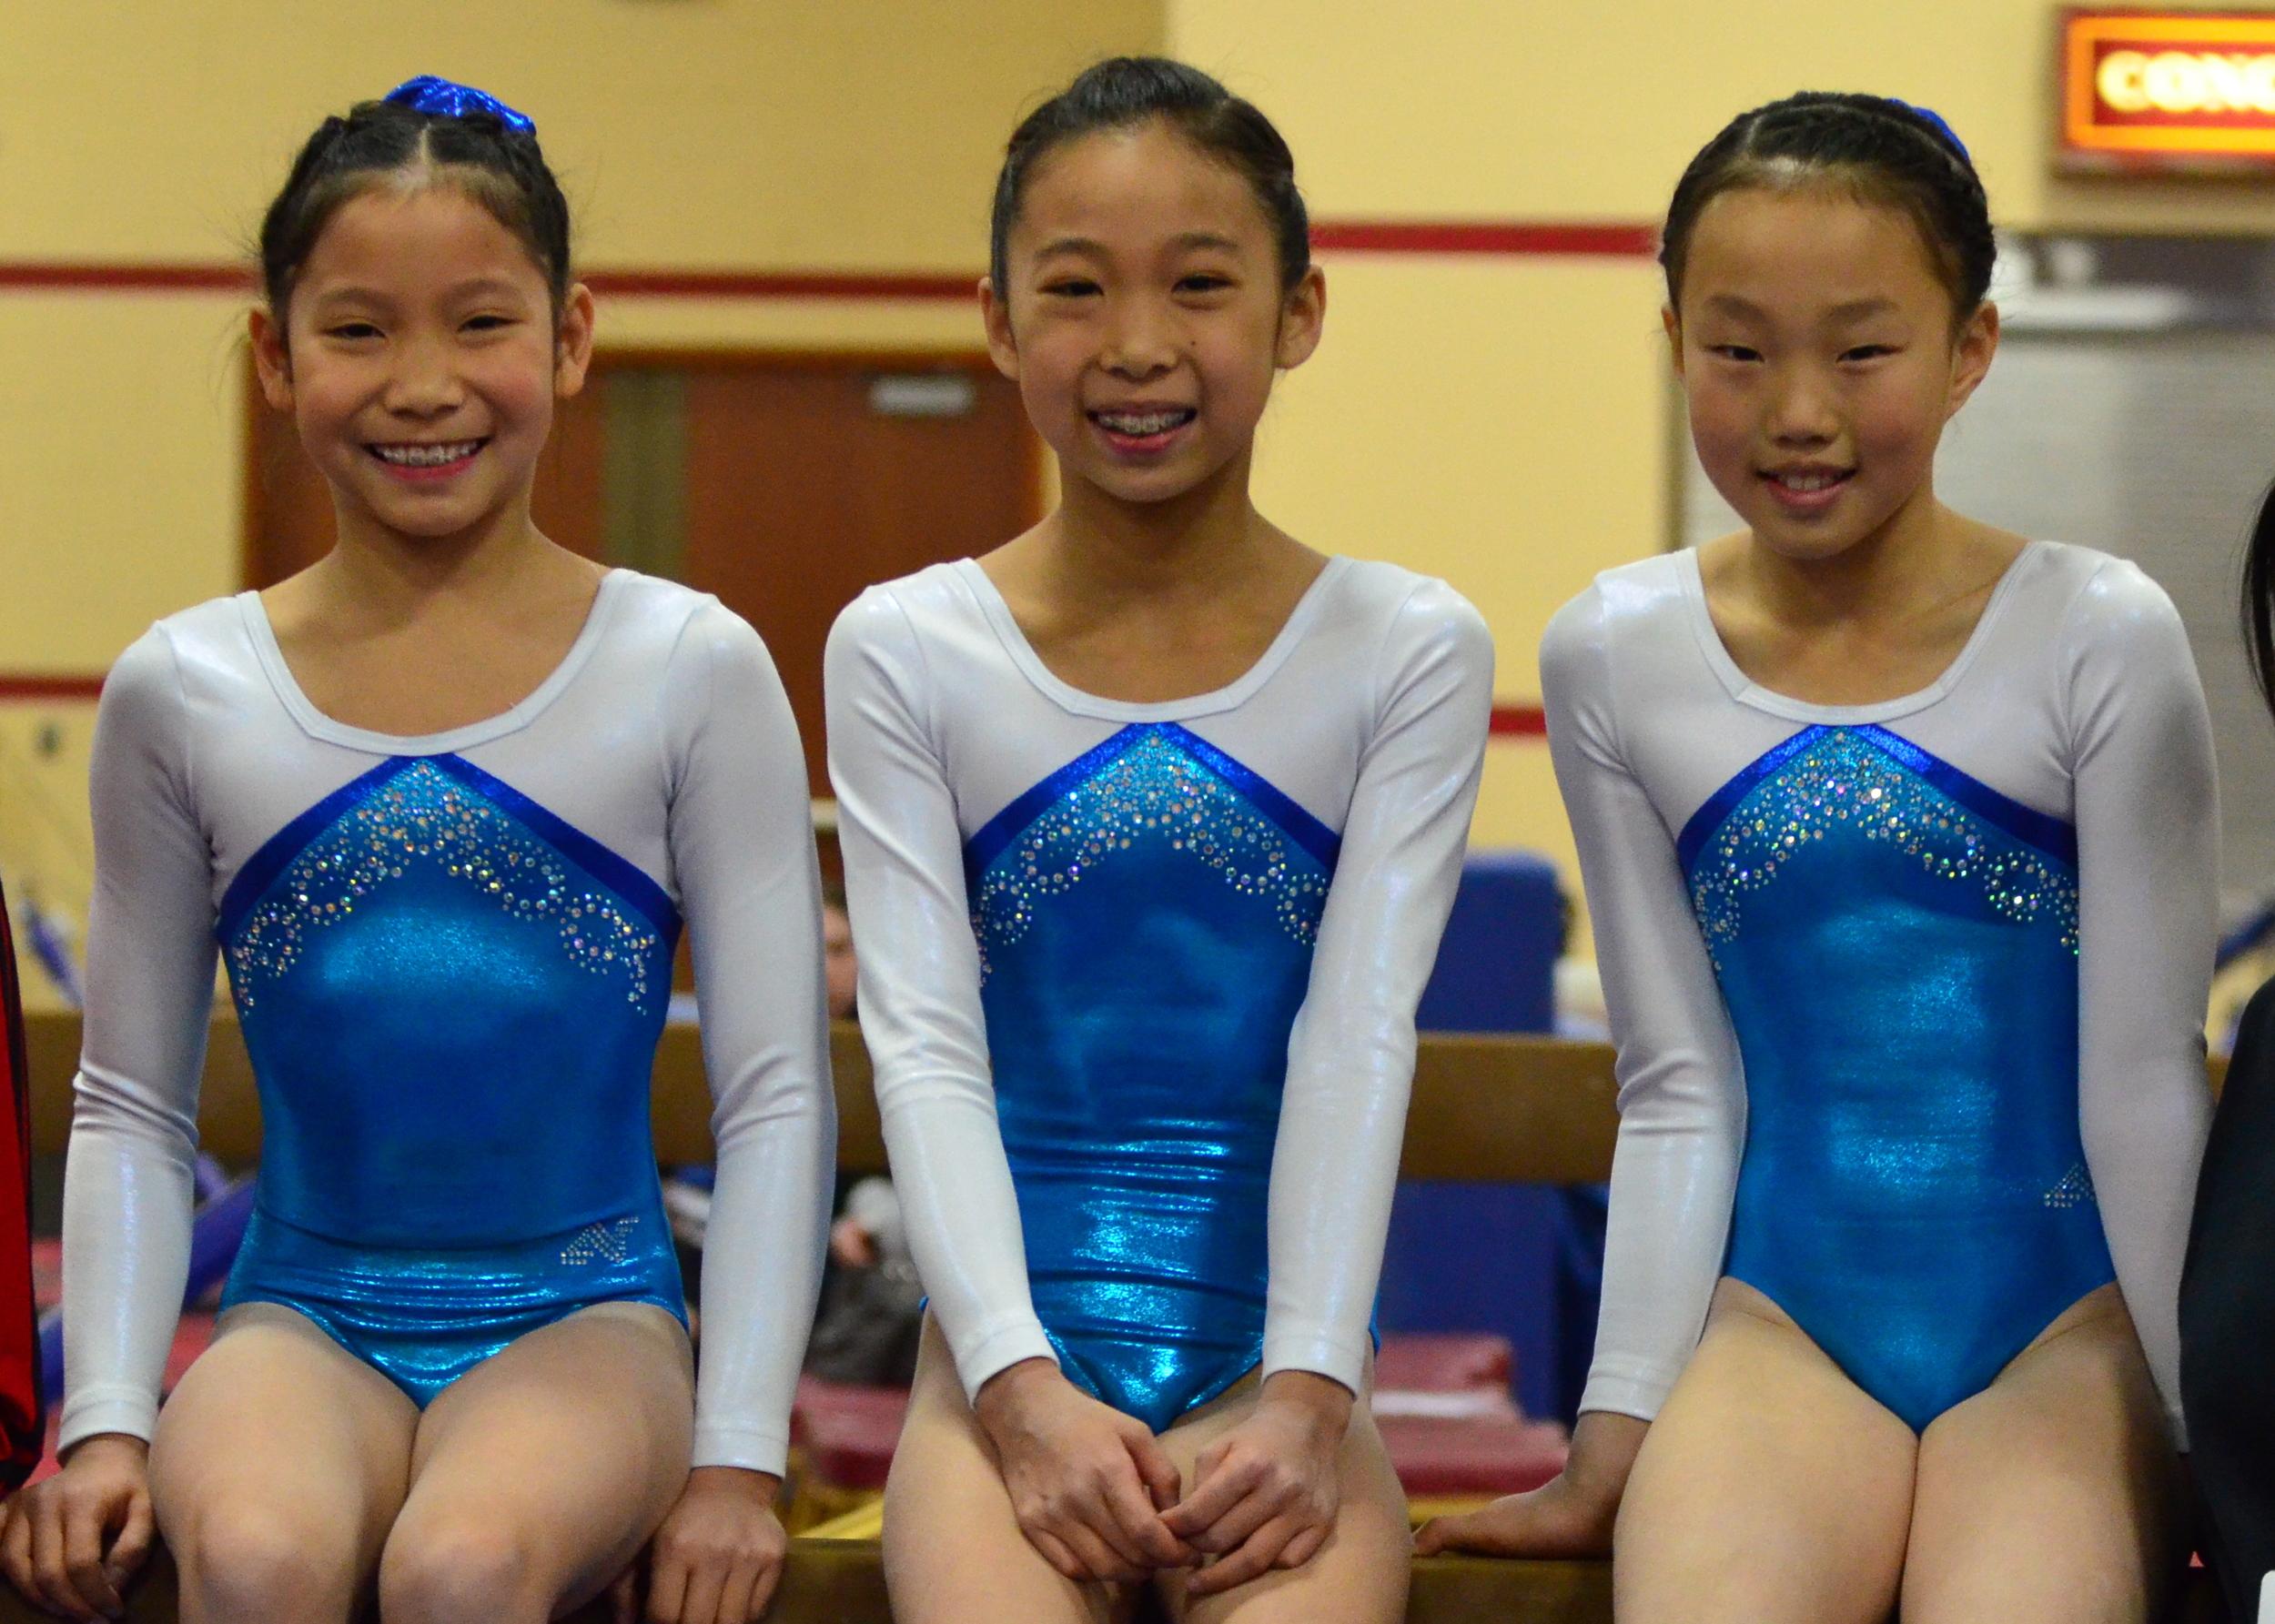 Jessica, Jadyn and Lauren